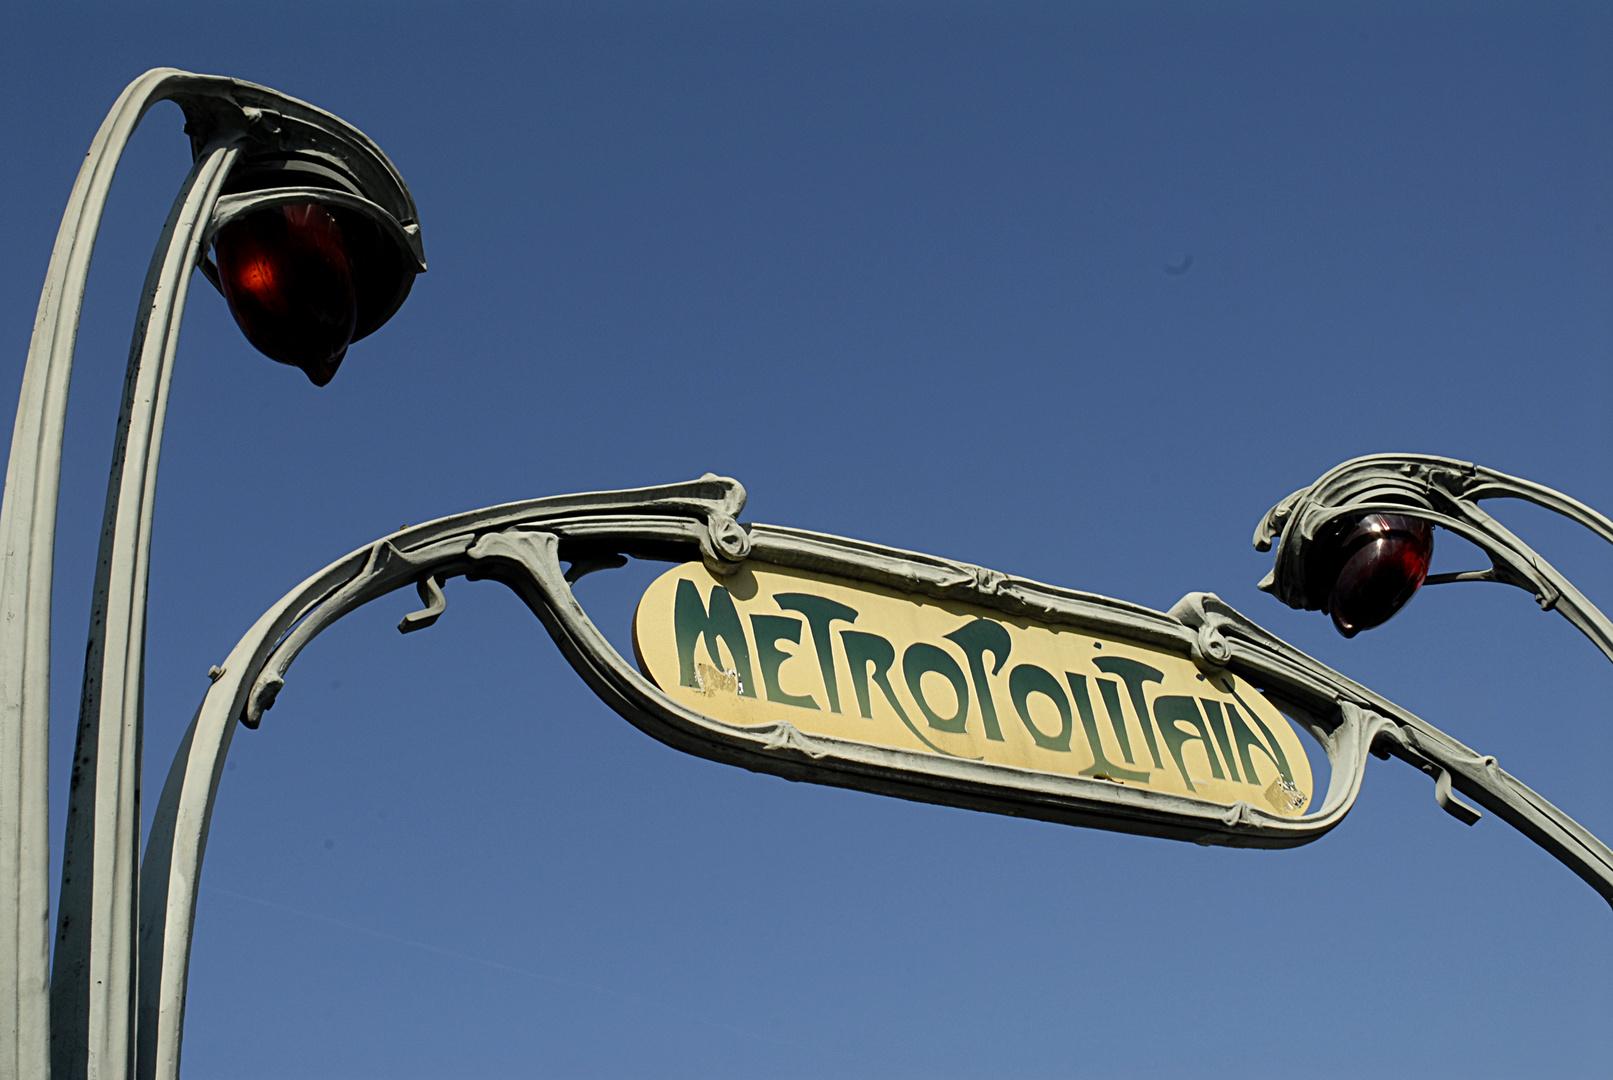 Paris. Metro